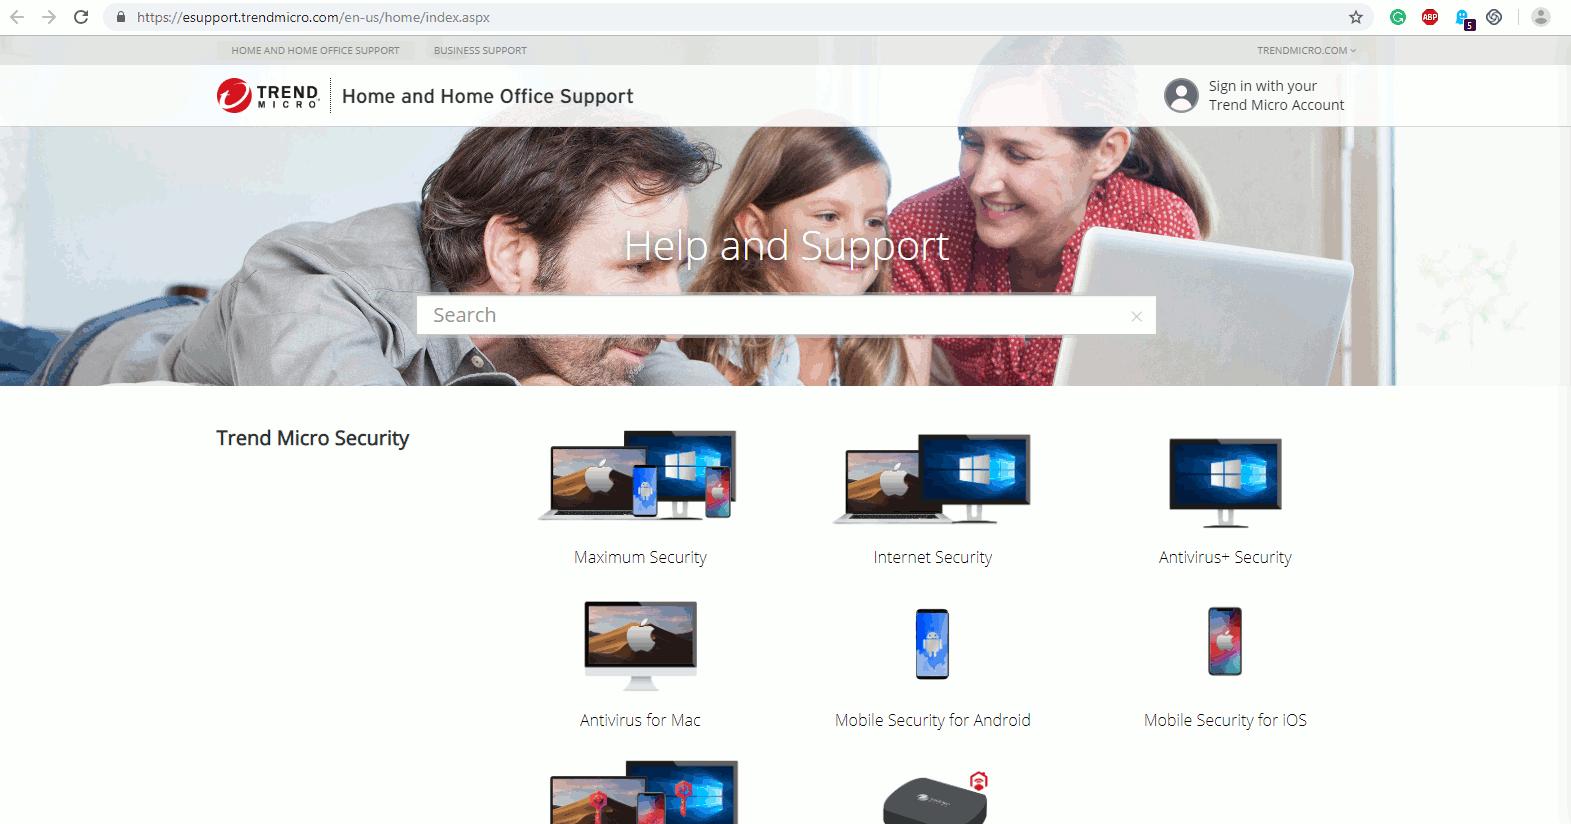 トレンドマイクロの公式サポートページ